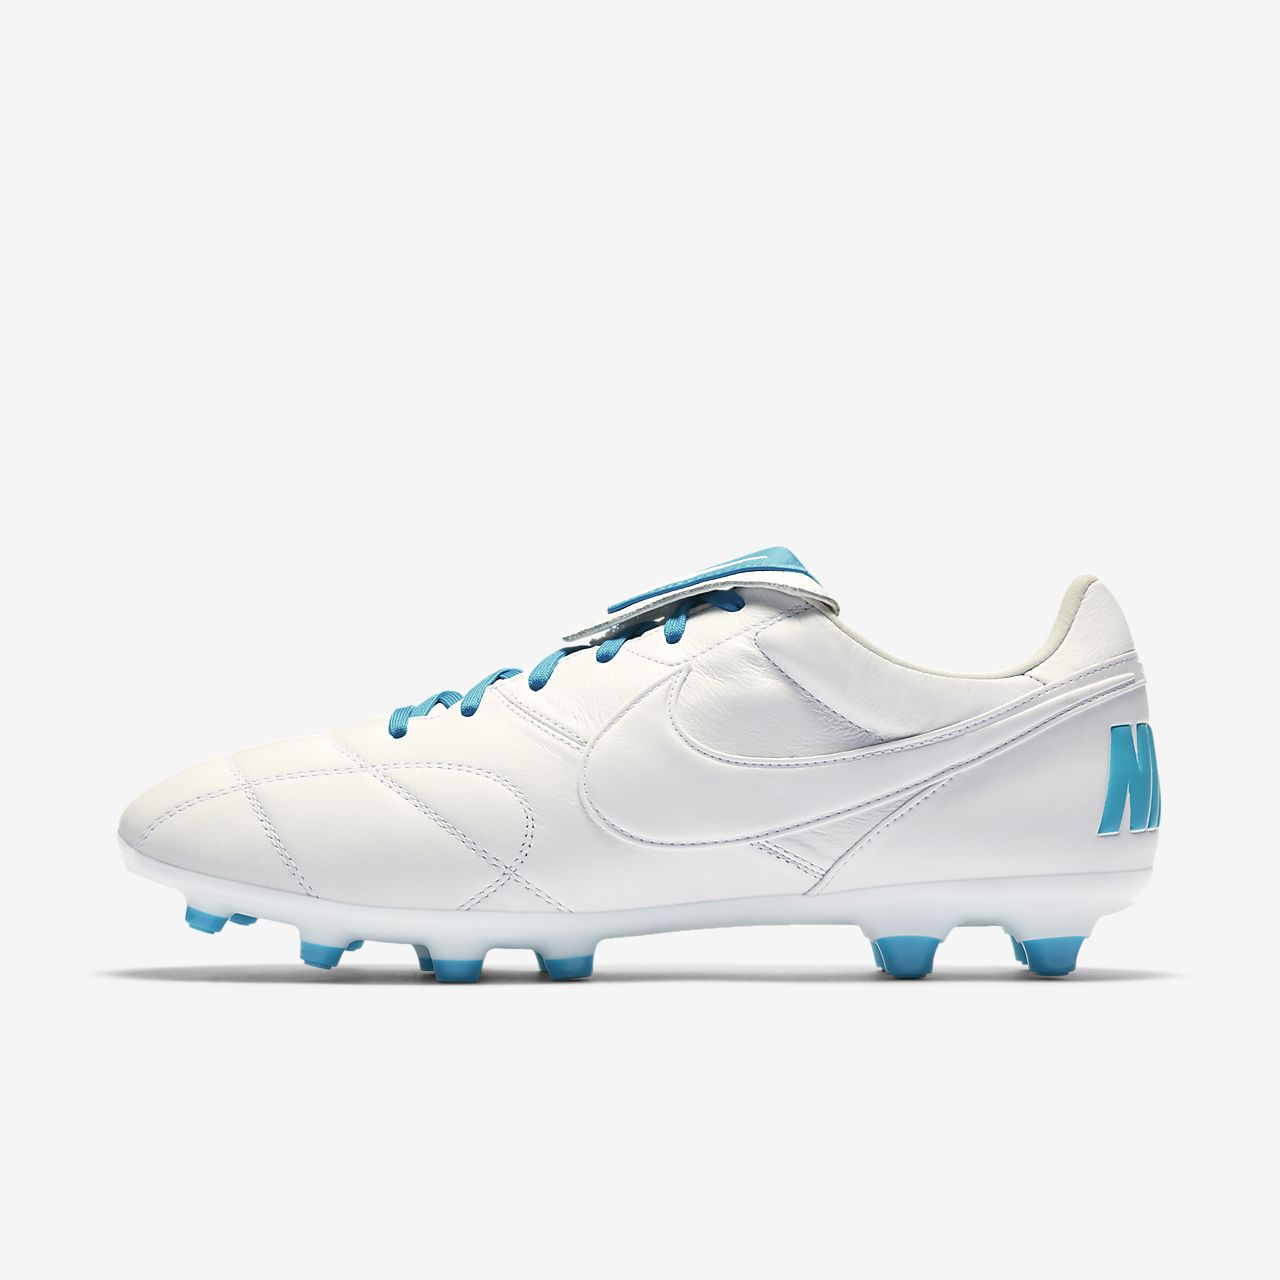 Rasen normalen Premier Fußballschuh II für Nike FG OXnwPk0N8